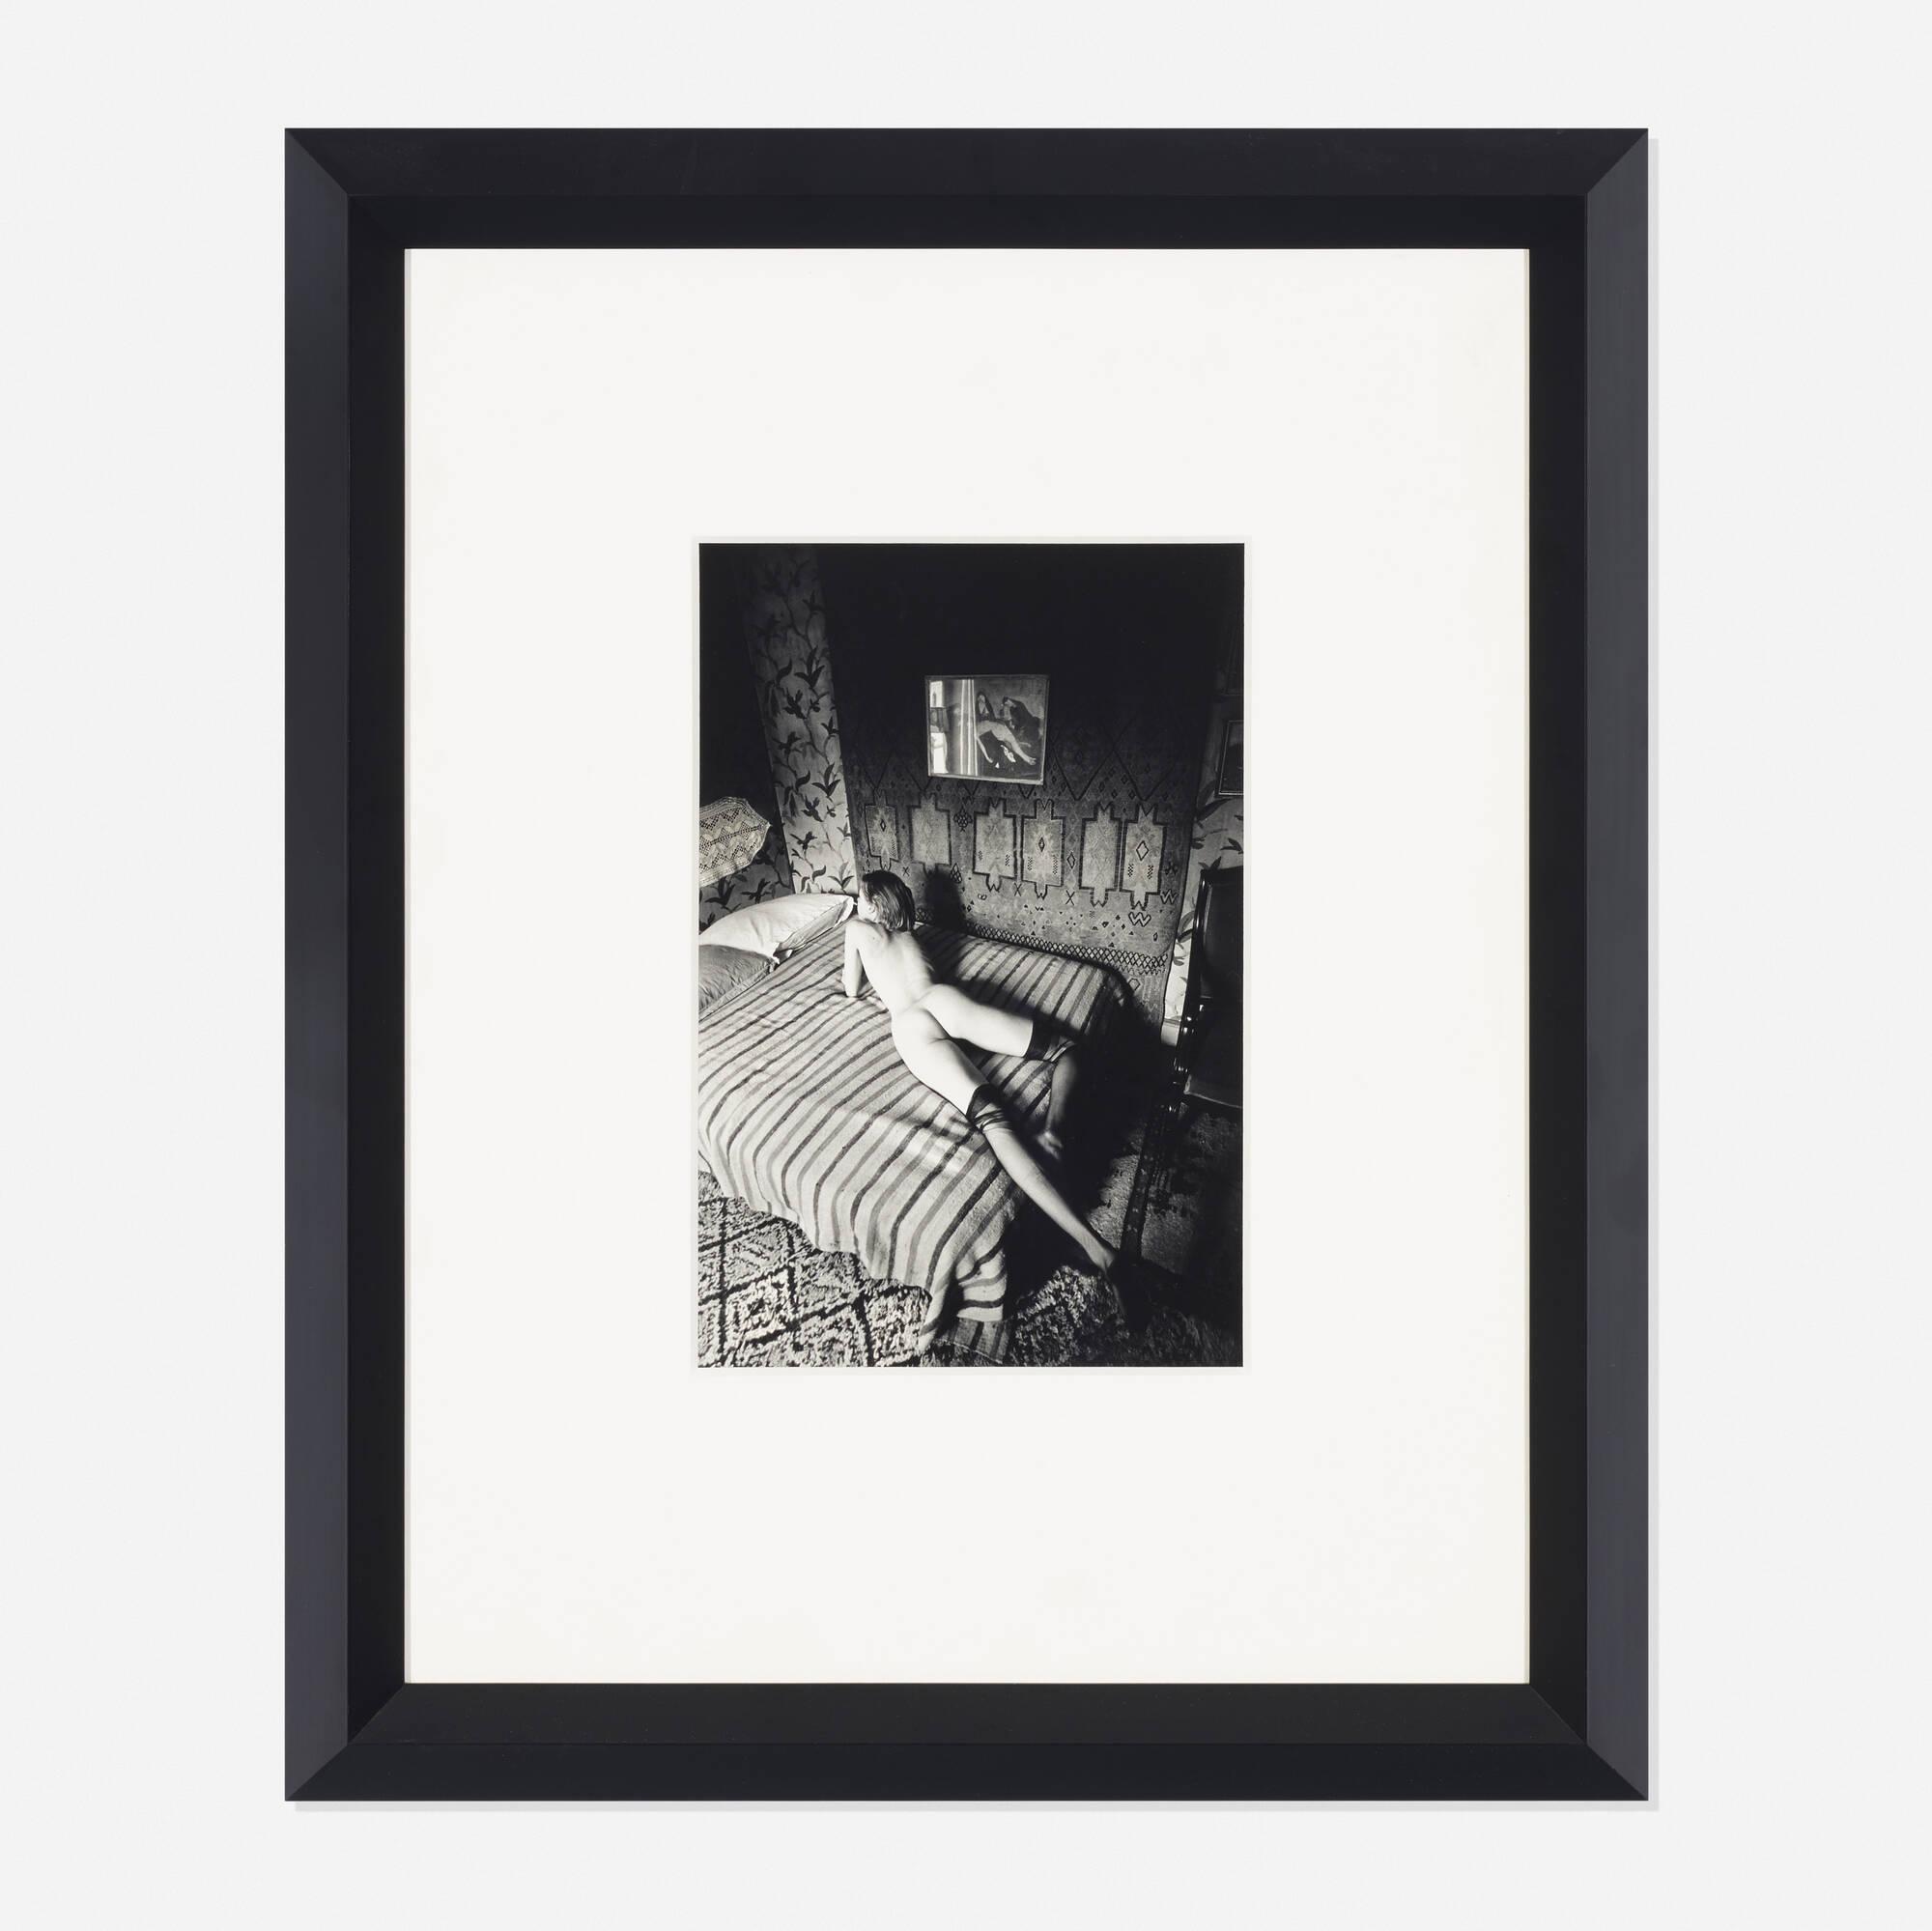 279: Jeanloup Sieff / Femme nue sur un lit rayé (1 of 1)